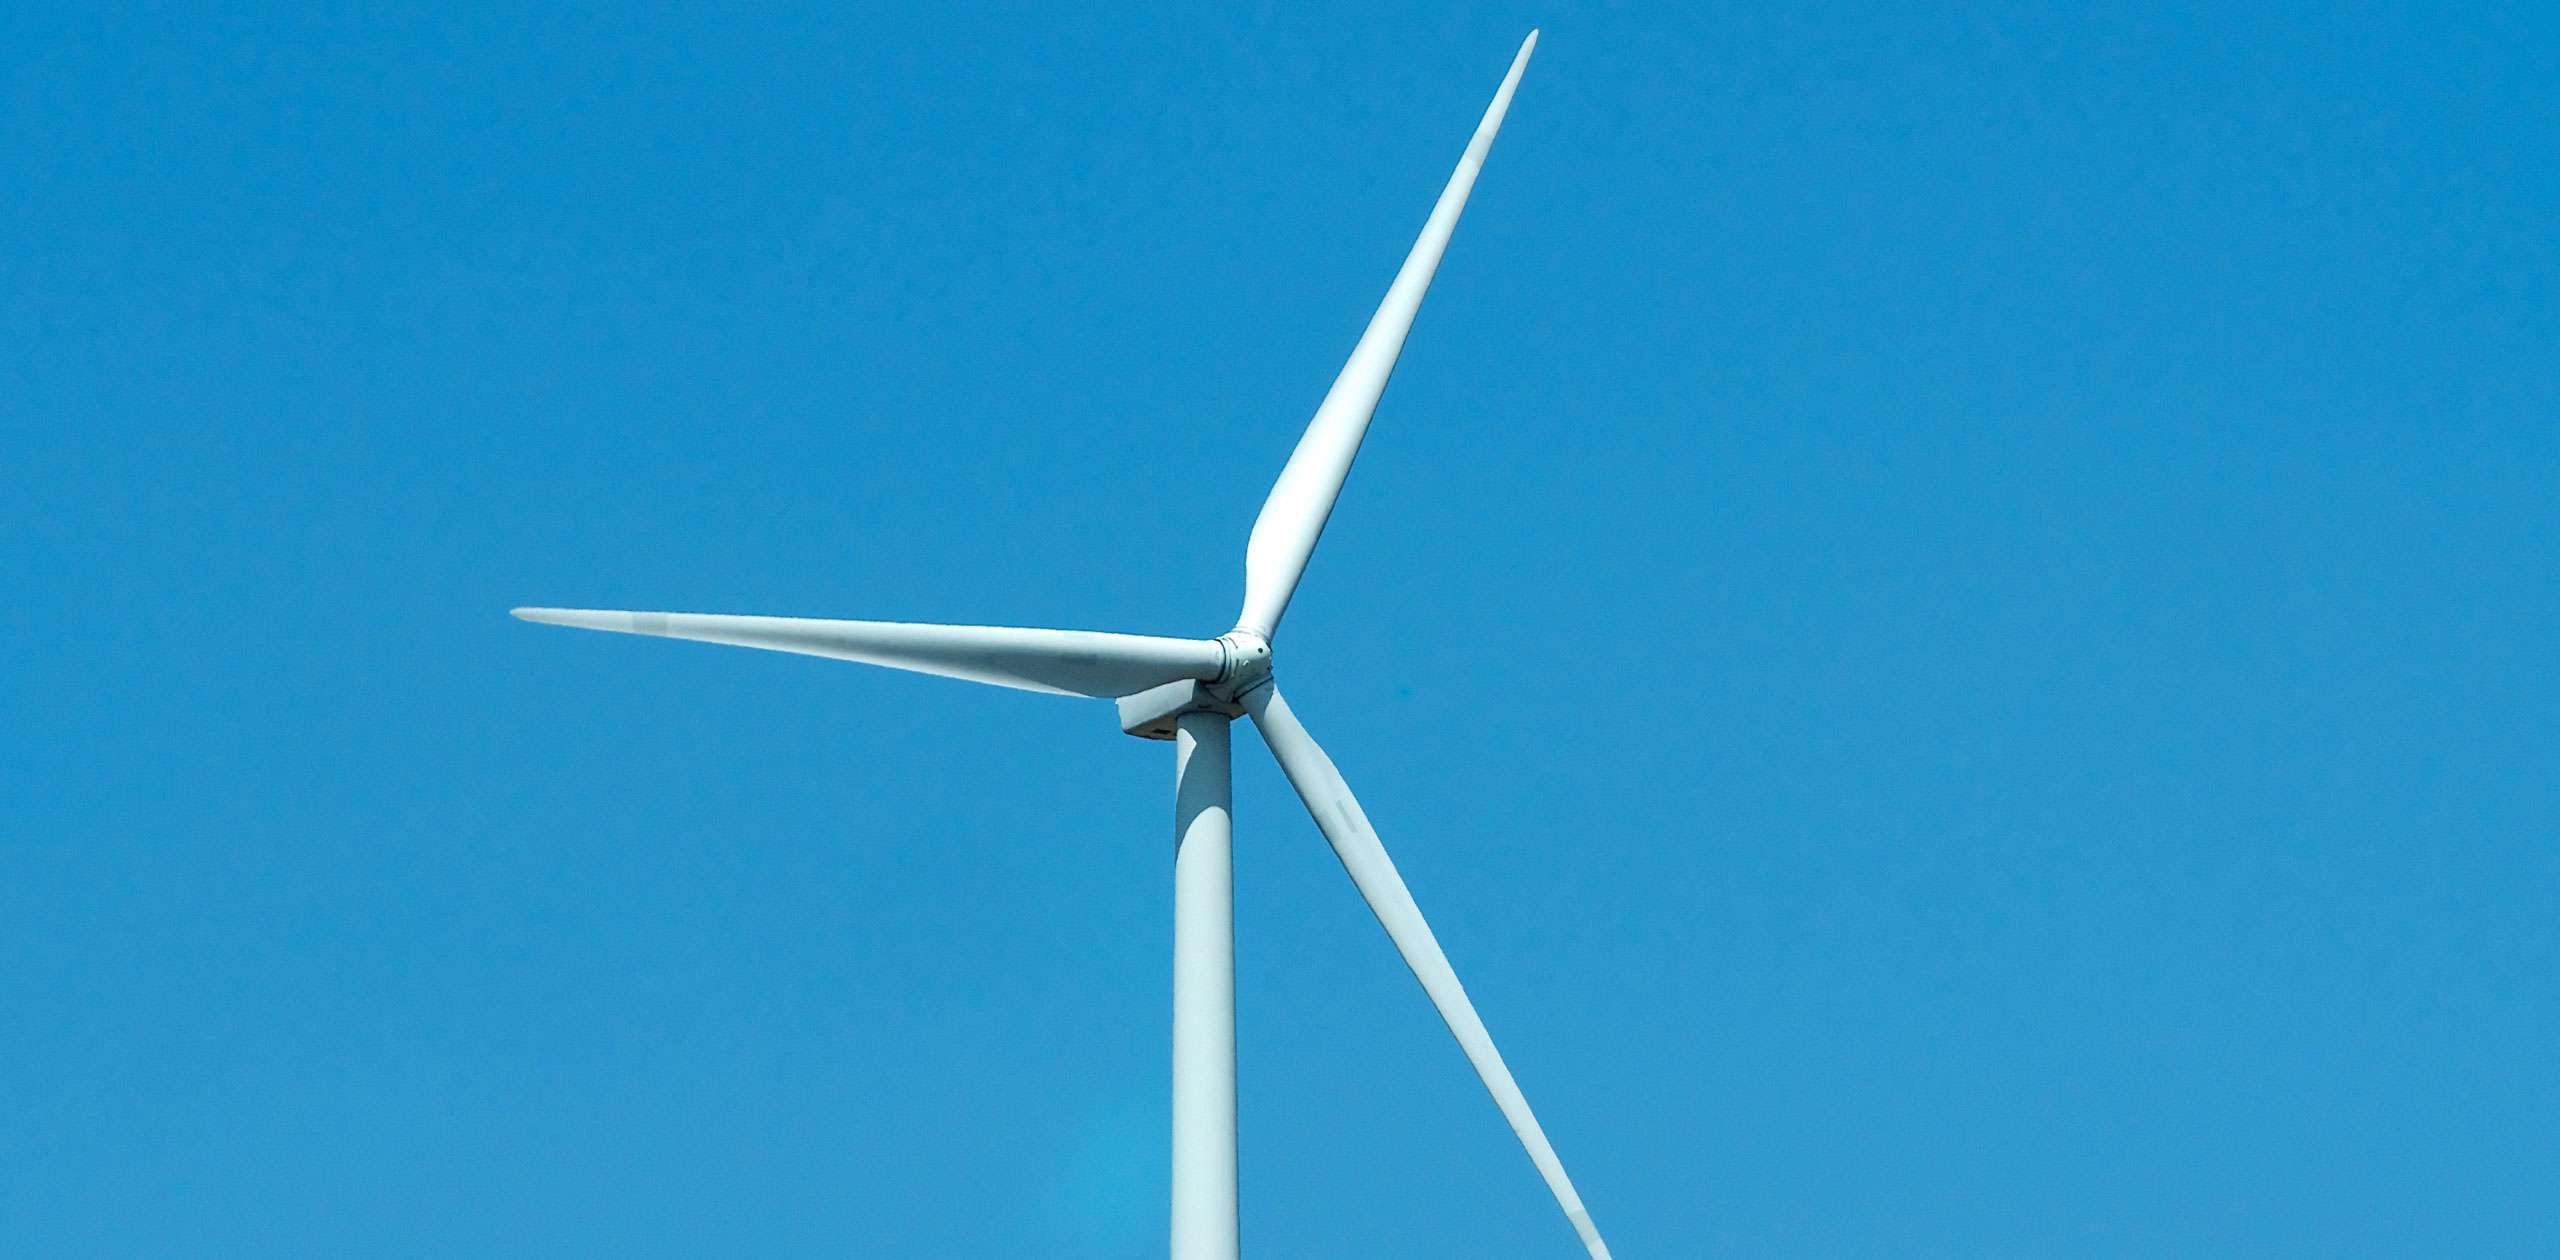 Energy in 21st century cities